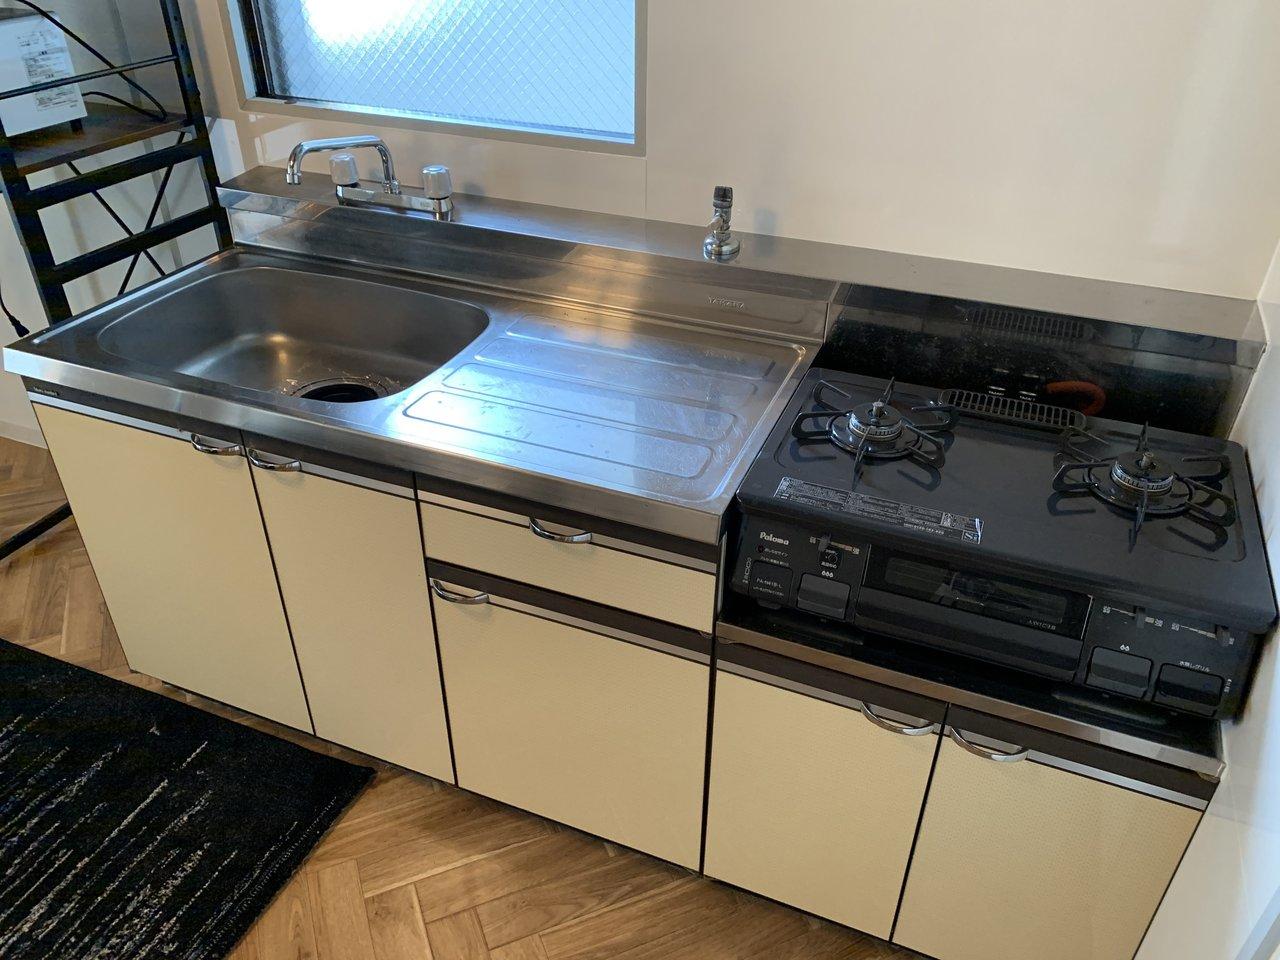 キッチンもガス2口、グリルつきでシンクの大きさや作業スペースも十分あります。しっかり自炊をしたい人におすすめ。